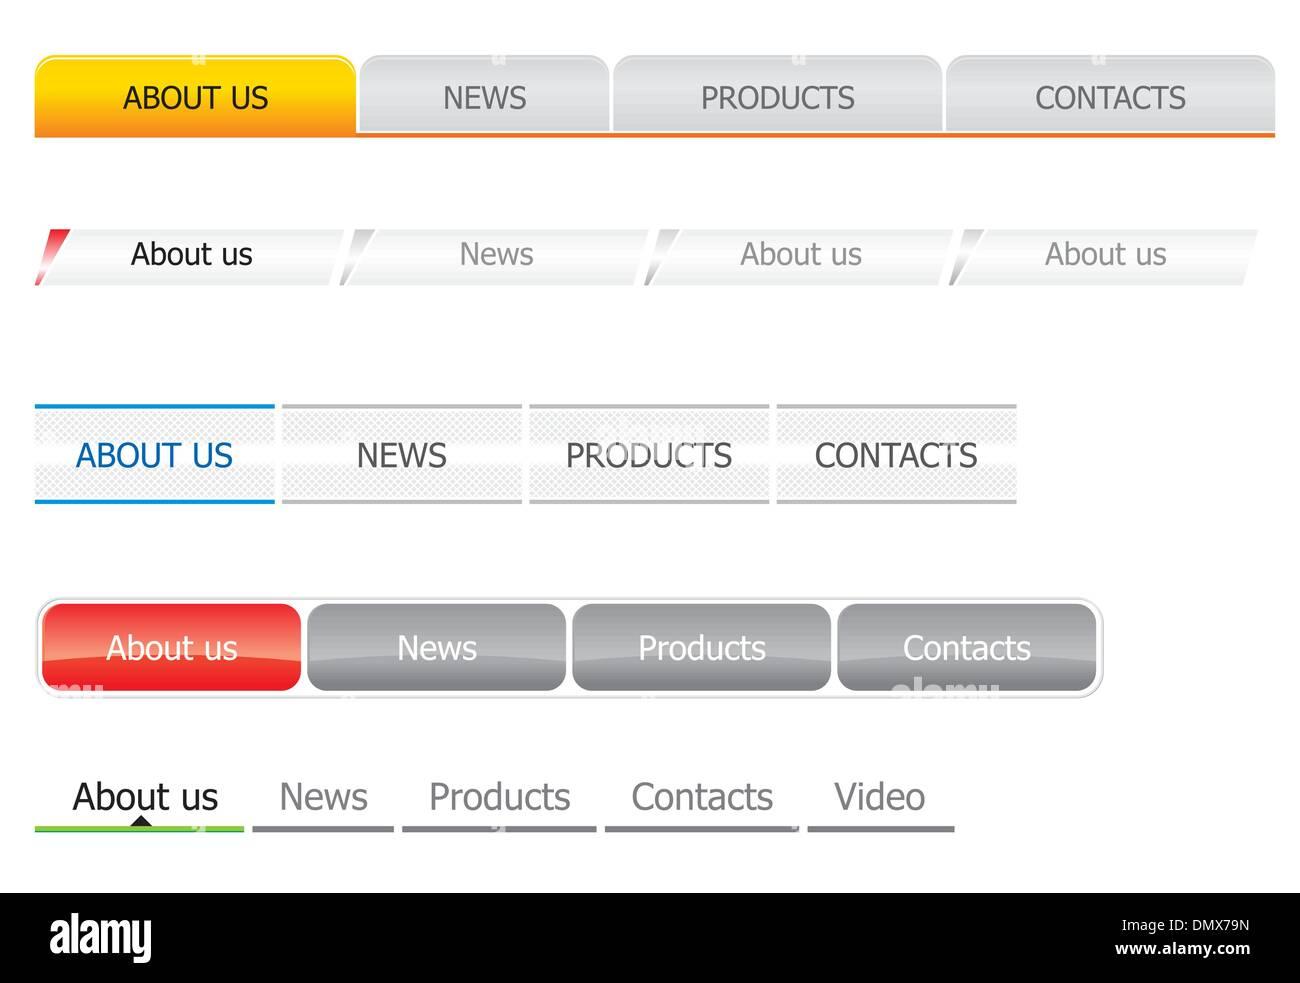 Navigation bar templates - Stock Image